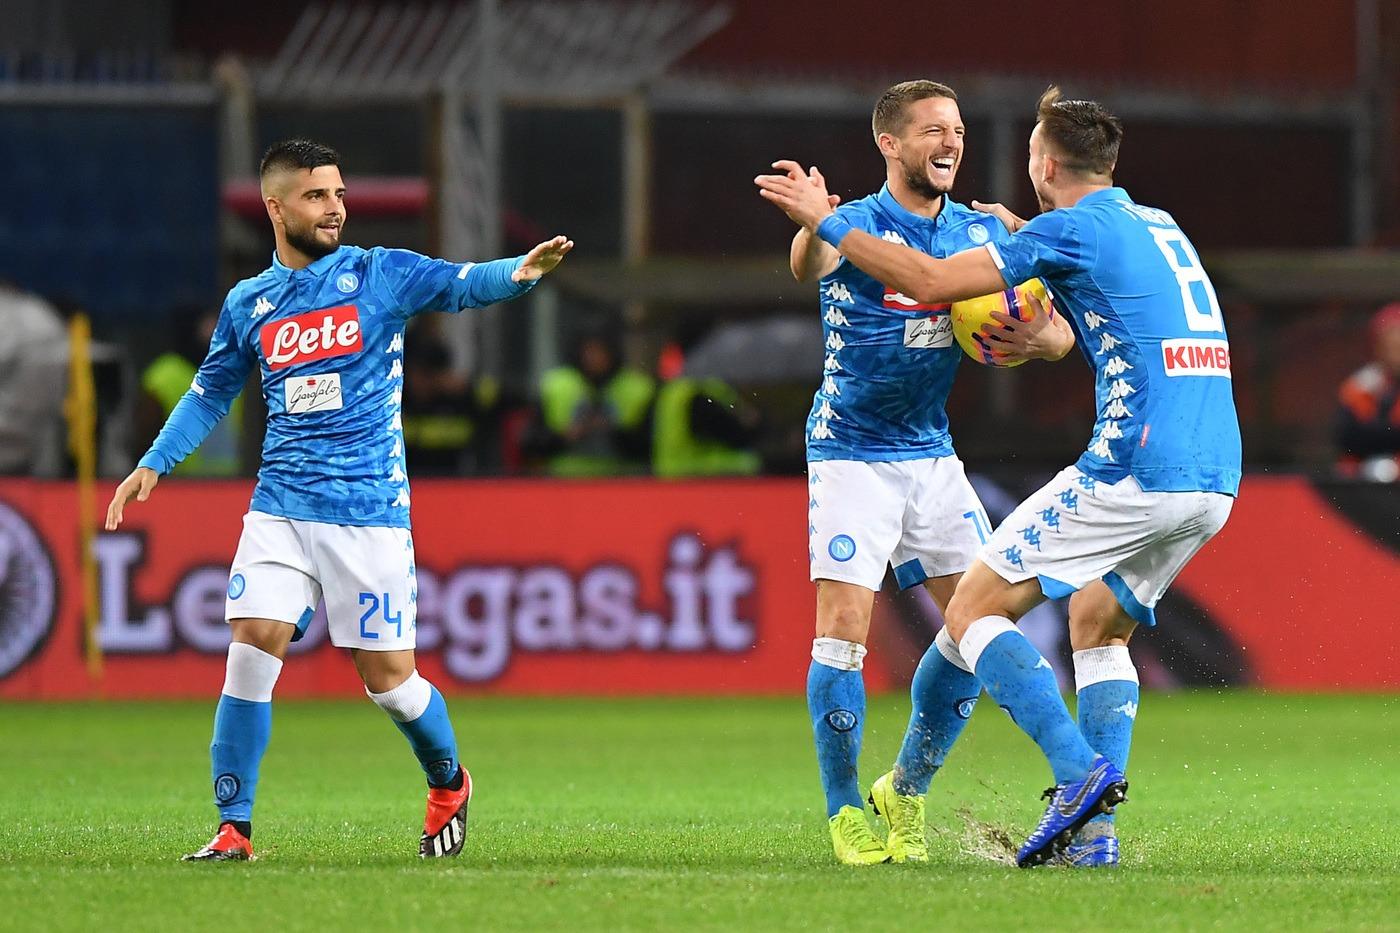 Napoli-Frosinone 8 dicembre: si gioca per la 15 esima giornata del nostro campionato. I partenopei non possono fallire questa gara.